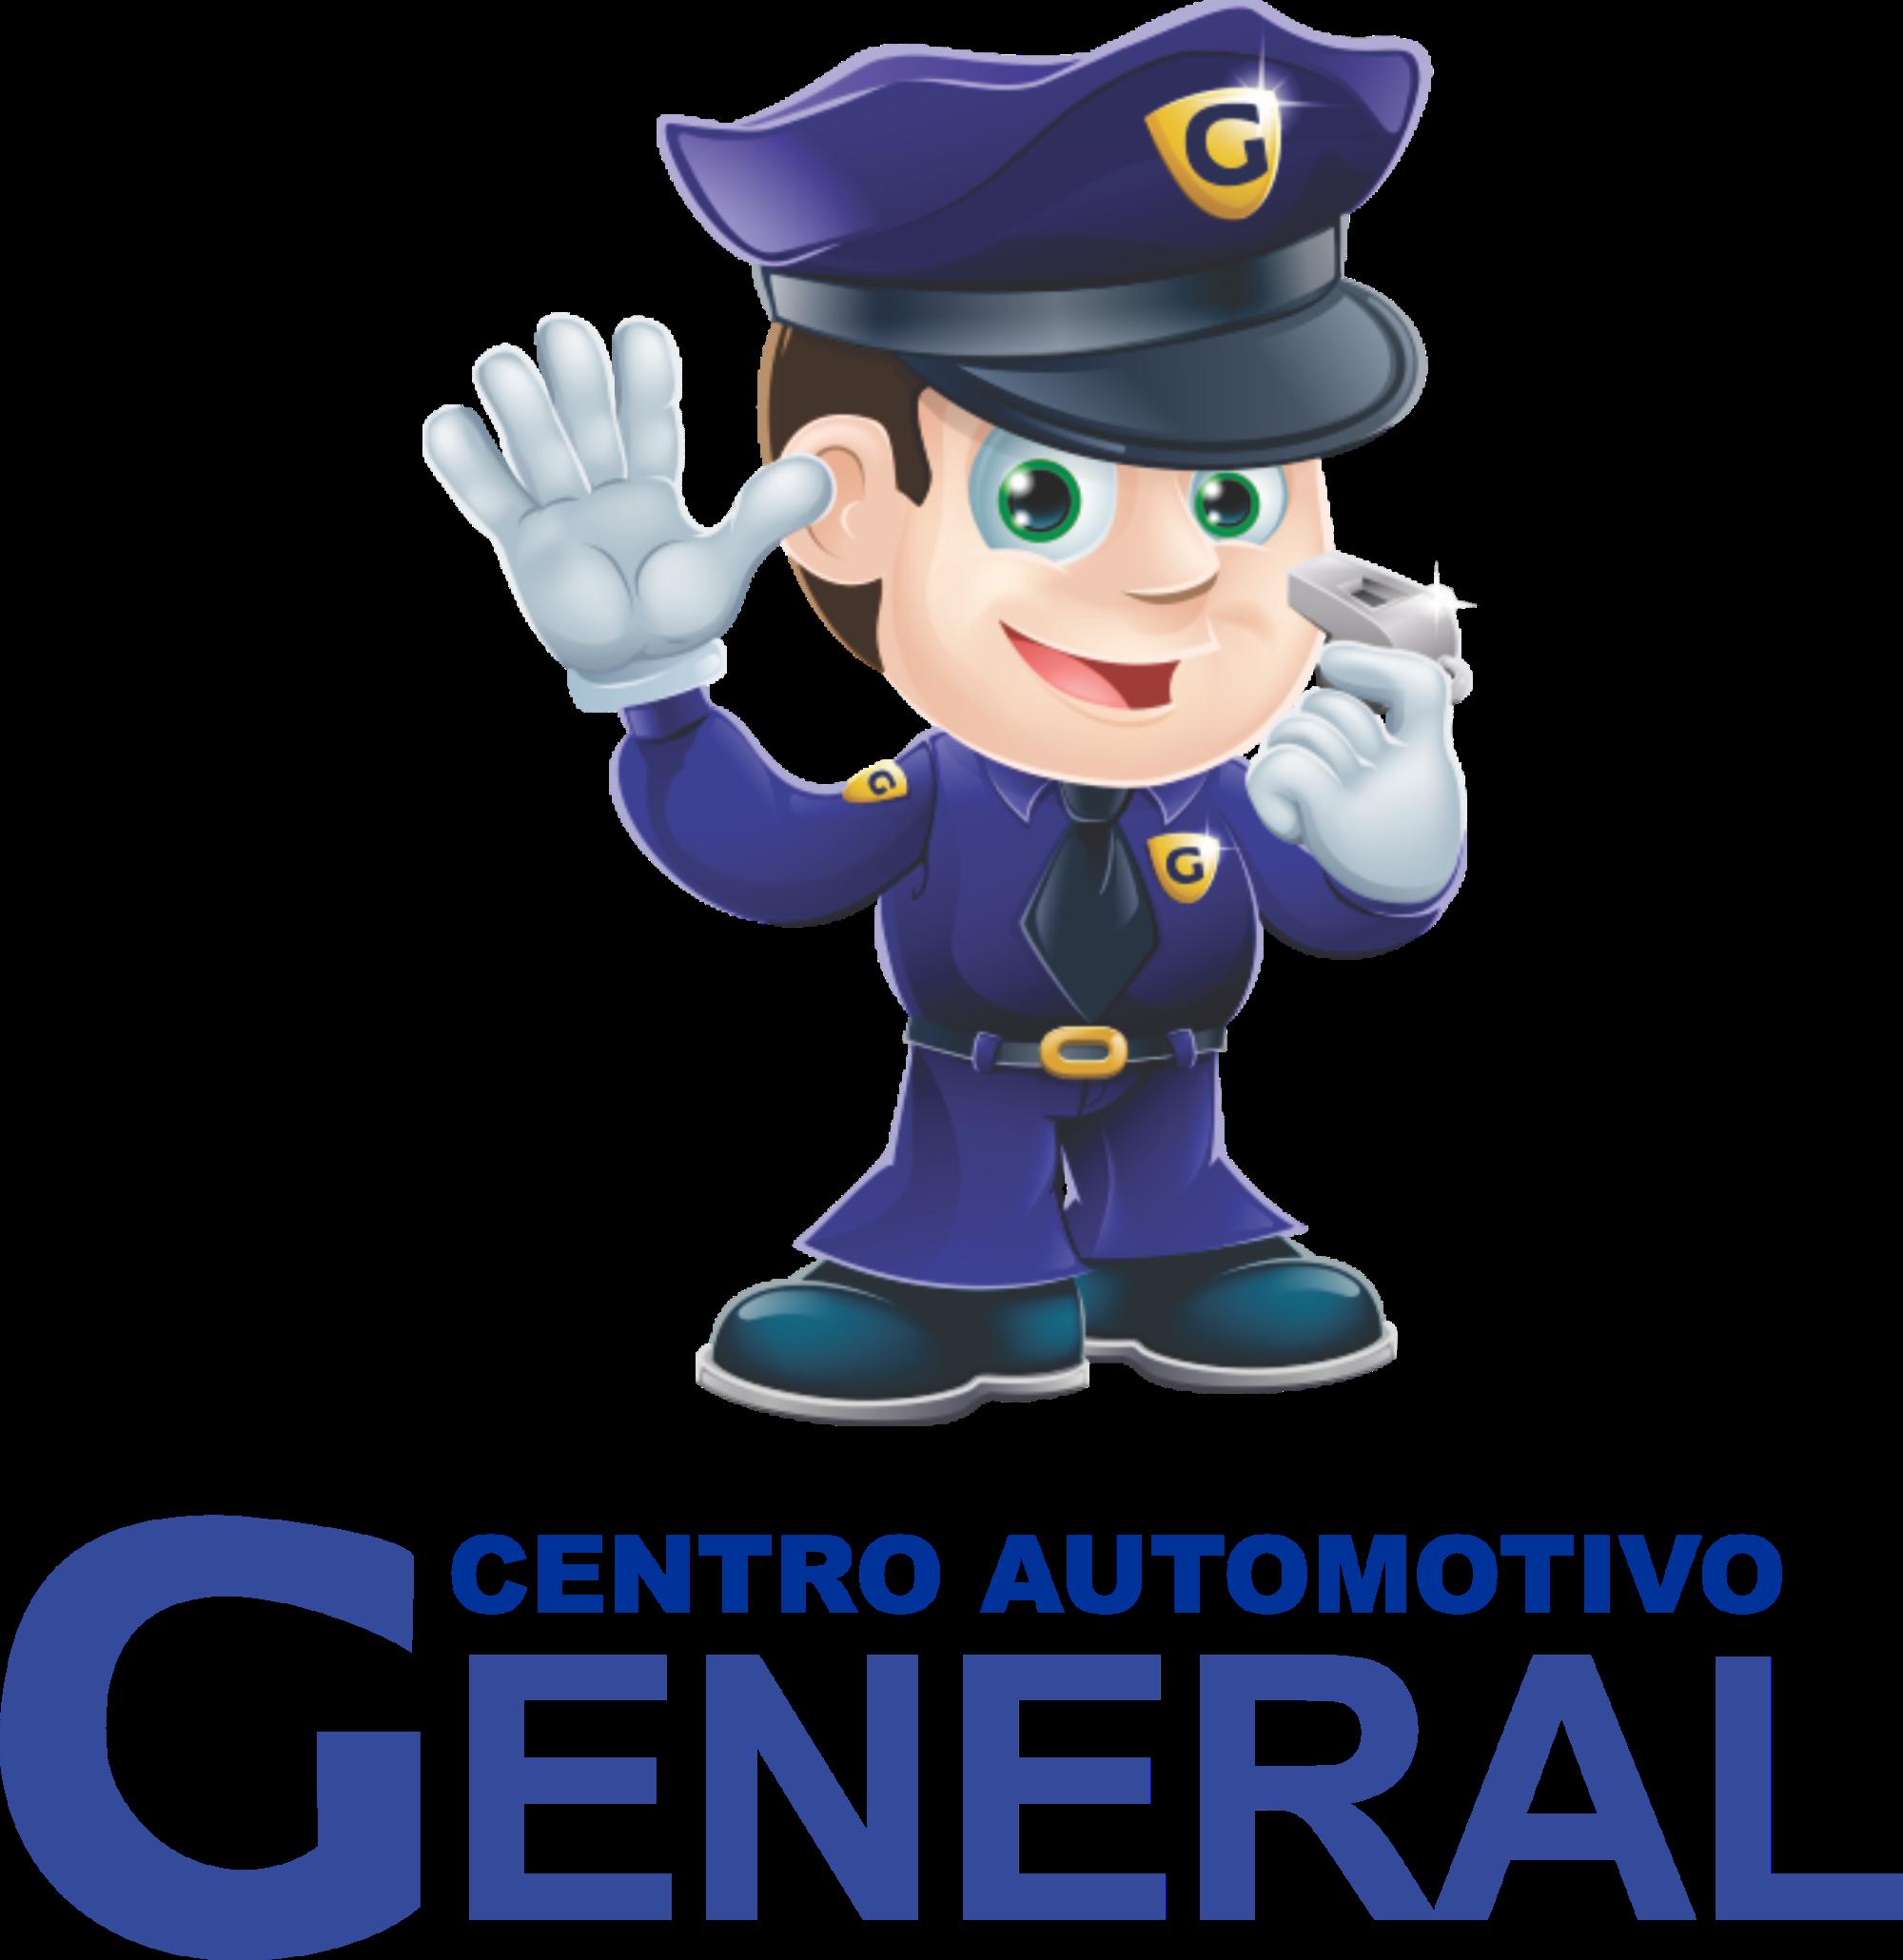 Centro Automotivo General